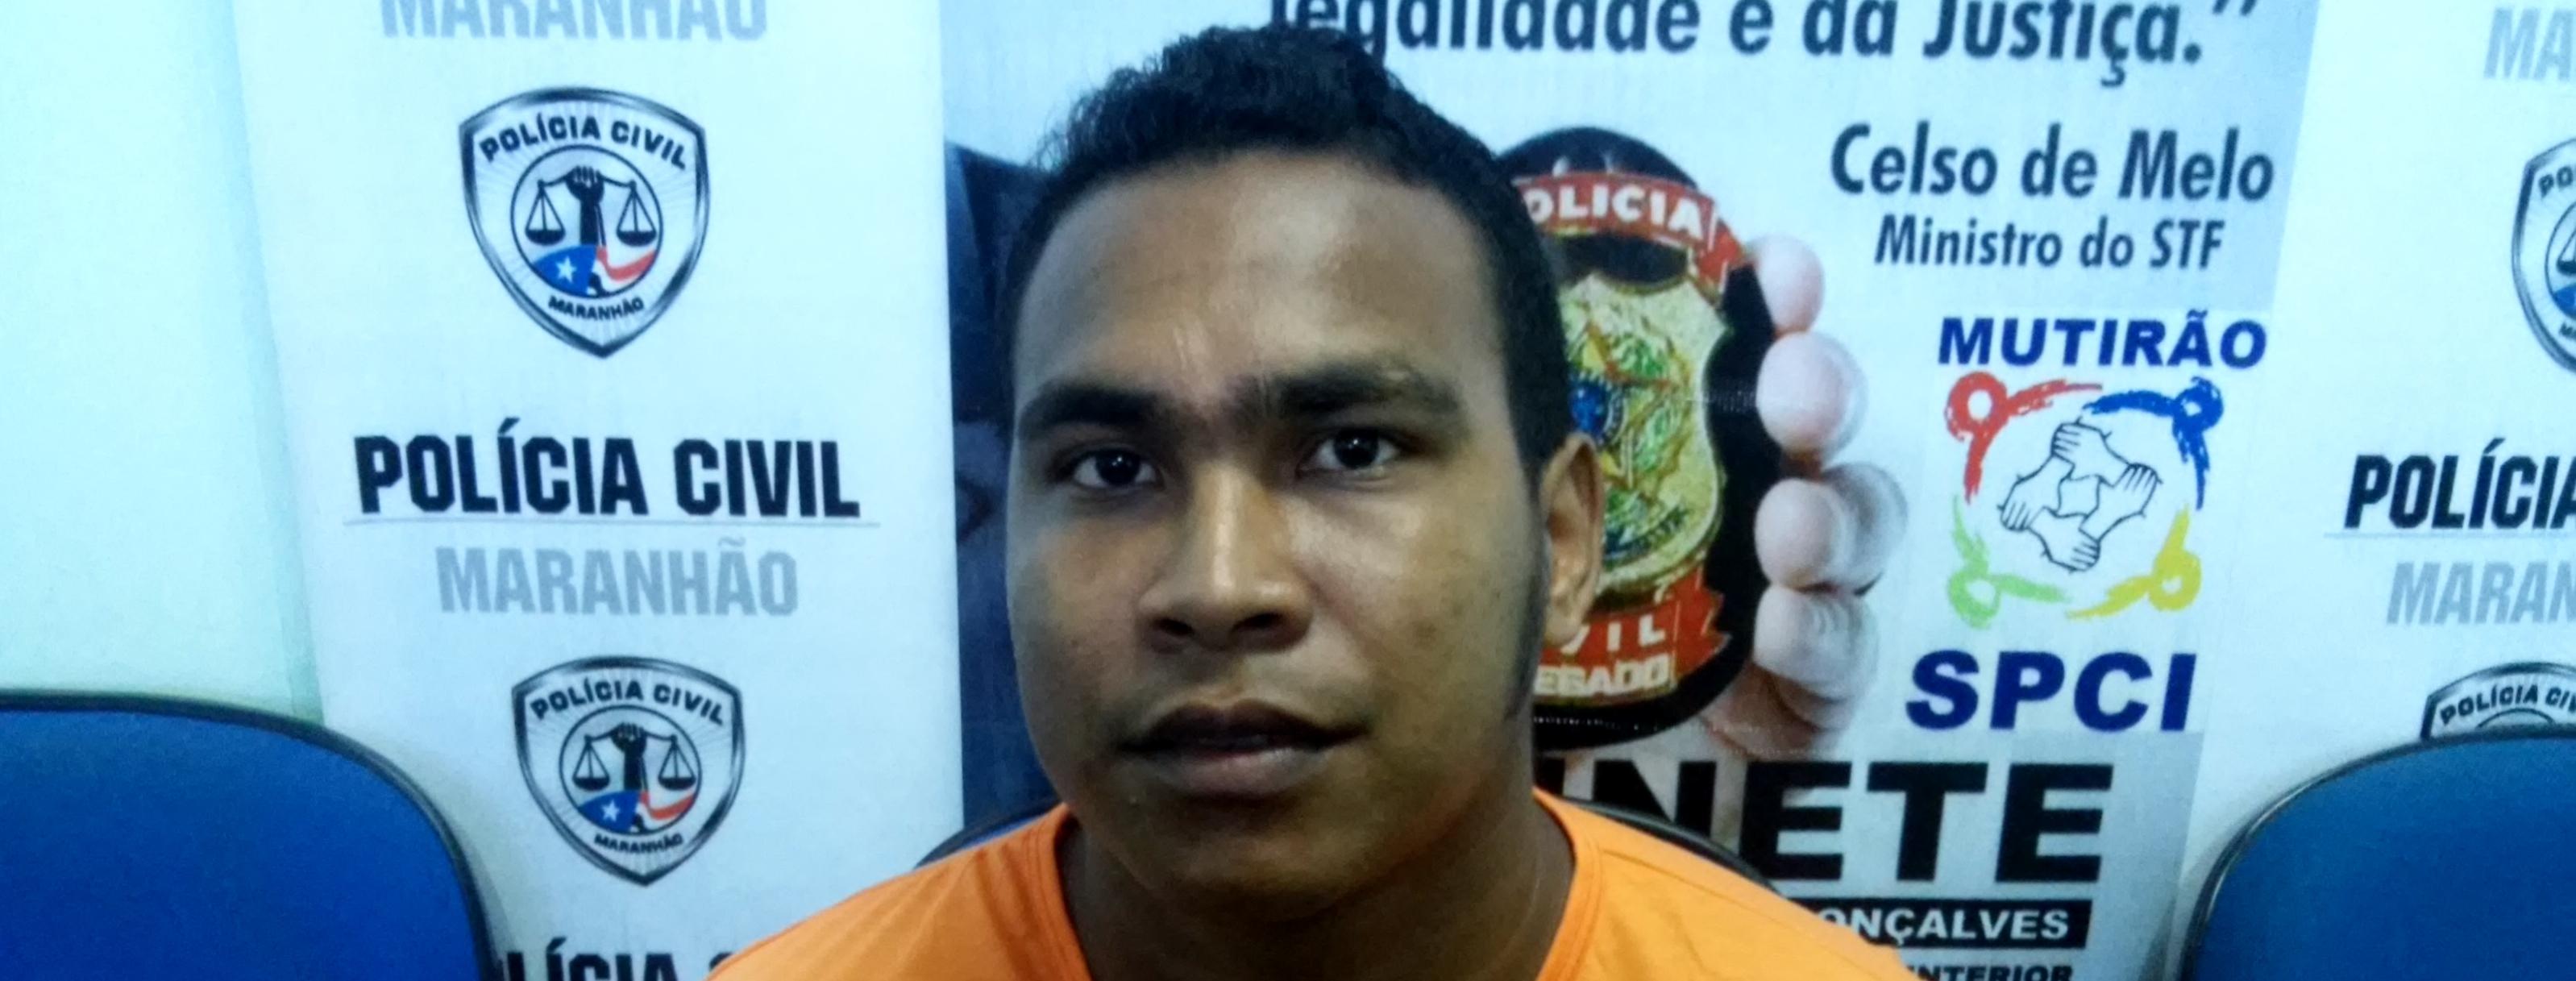 Polícia Civil apresenta homem suspeito de atirar contra crianças em Rosário